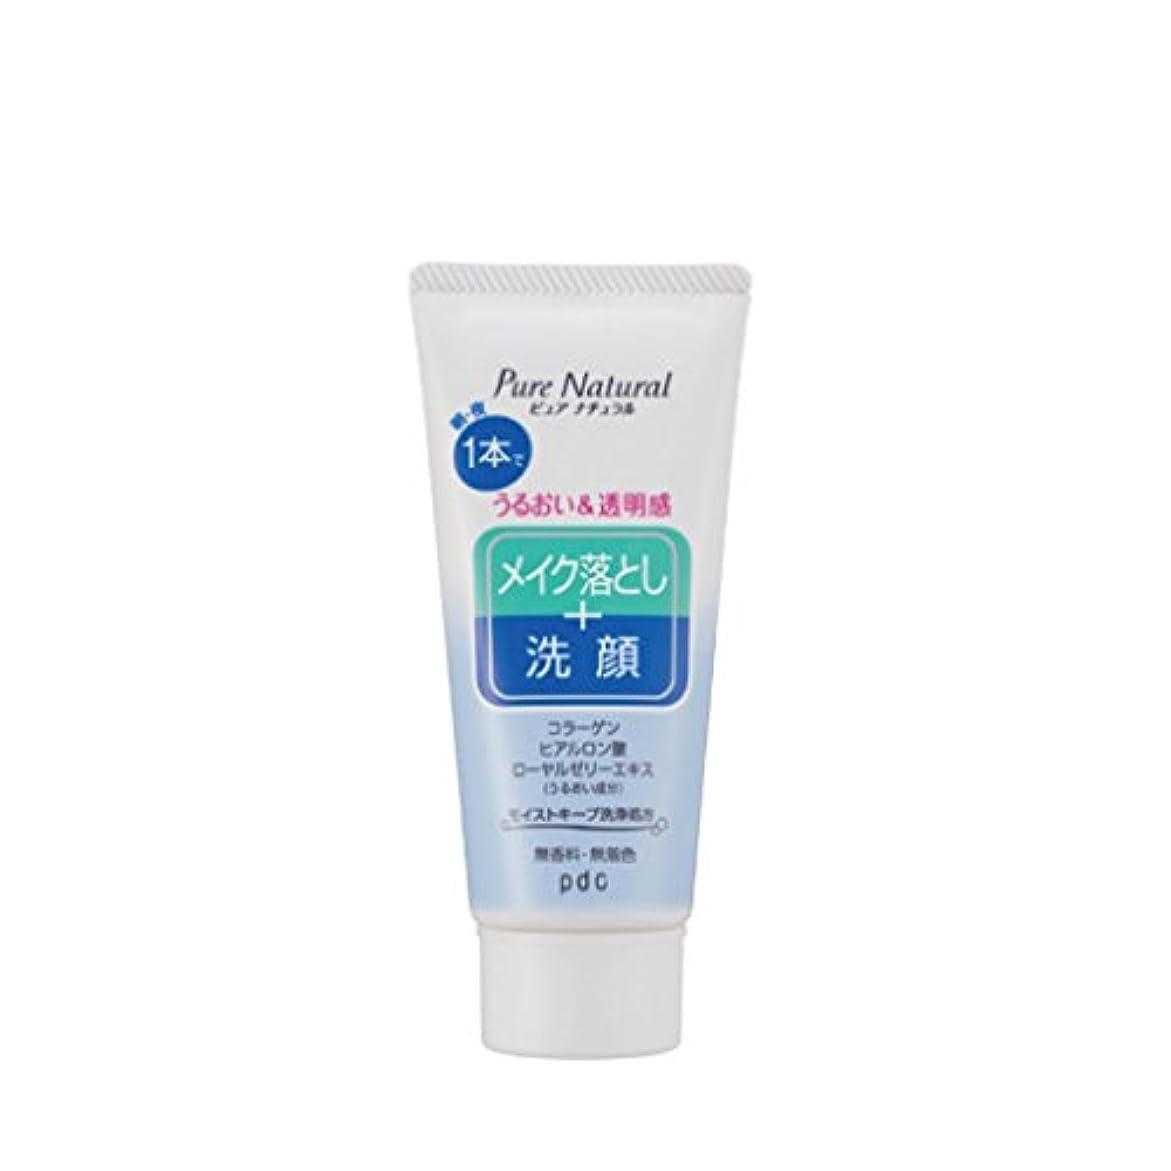 補う取り囲む迷路Pure NATURAL(ピュアナチュラル) クレンジング洗顔 (ミニサイズ) 70g